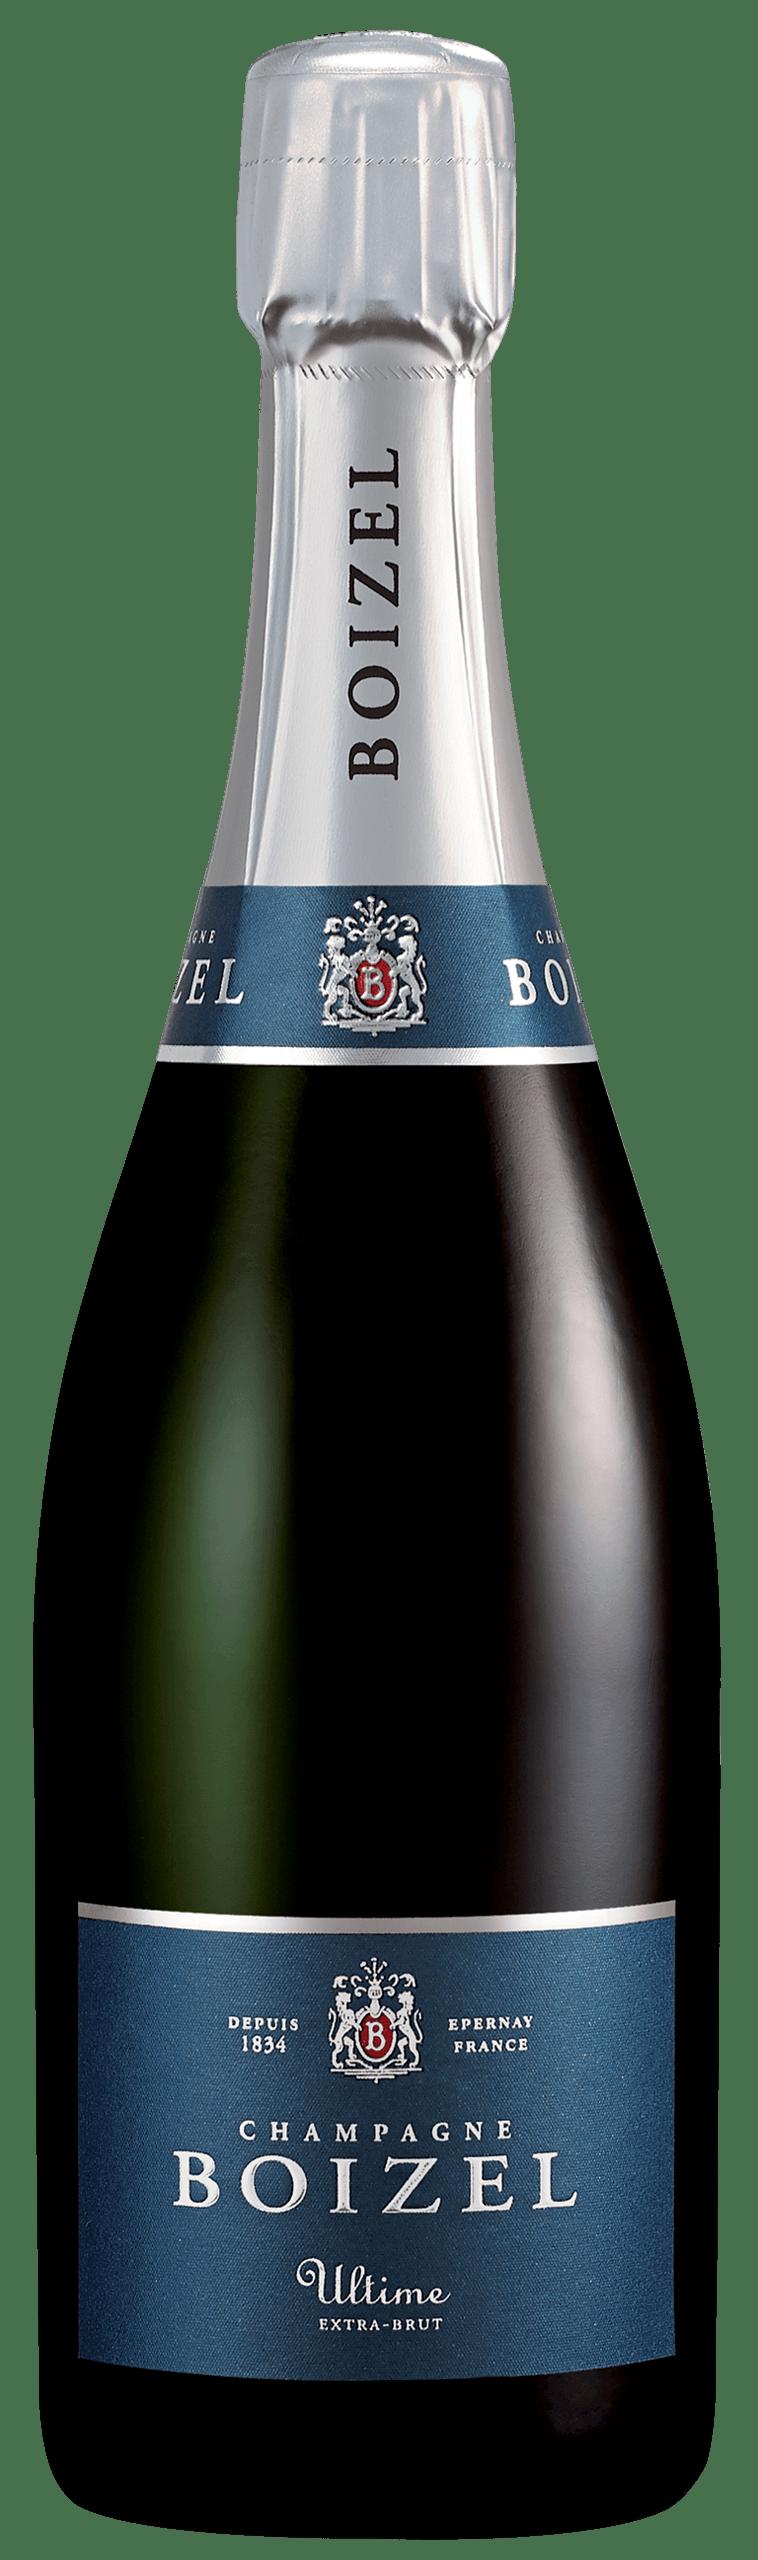 Ultime<br>Zéro Dosage - Champagne Boizel - Epernay France